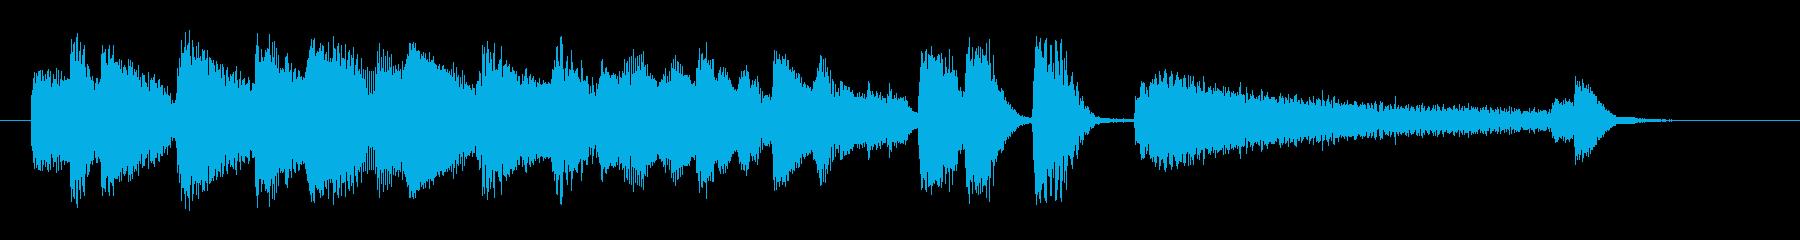 オシャレなジャズピアノジングル7の再生済みの波形